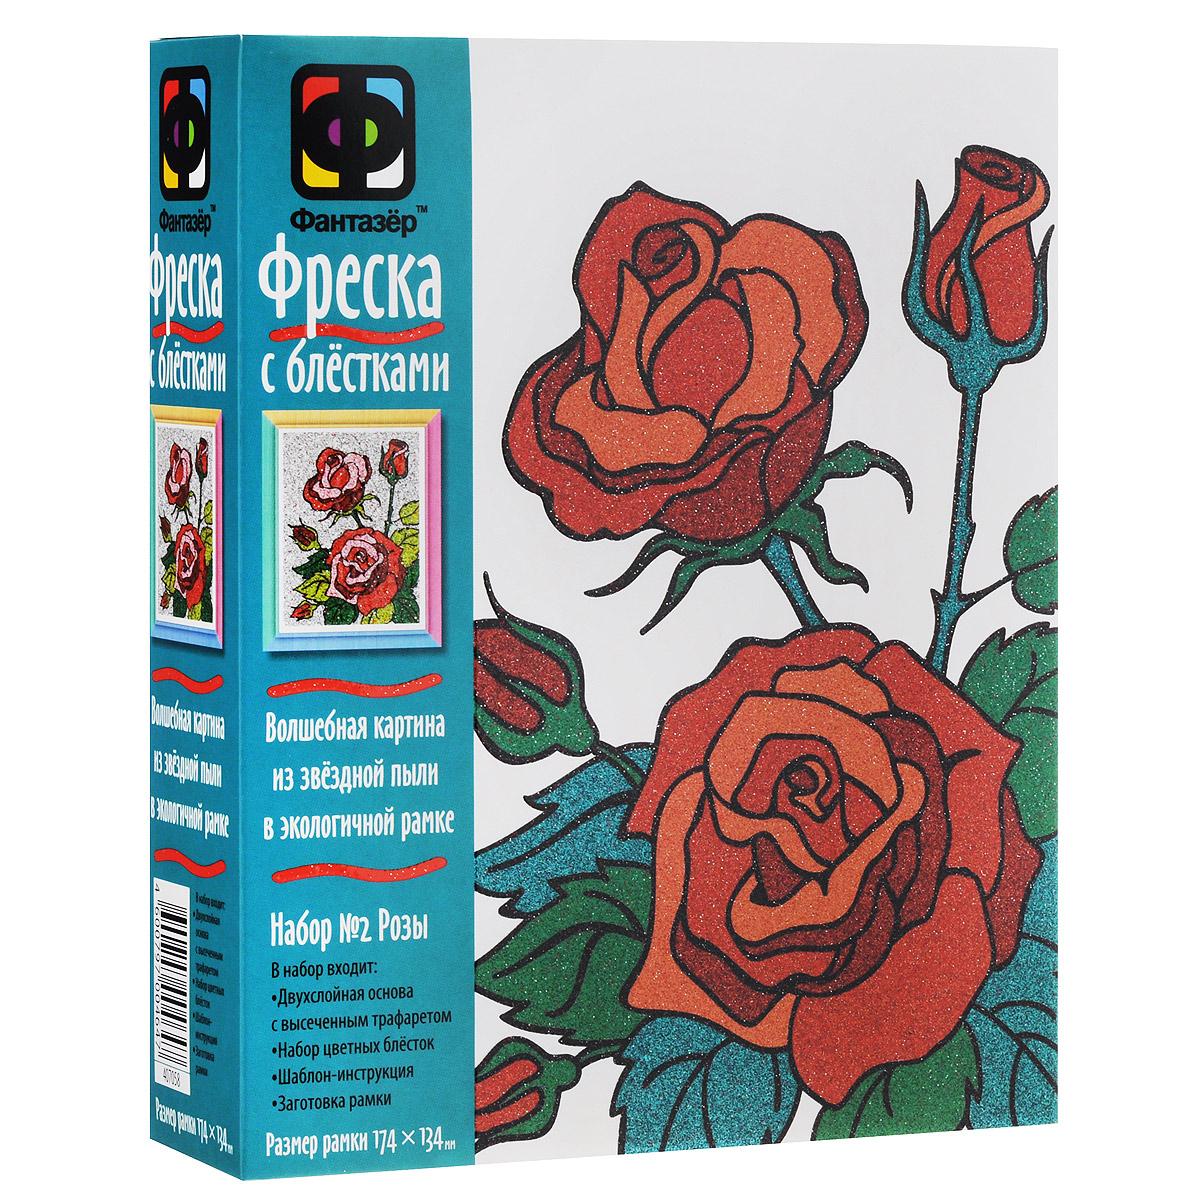 Набор для создания фрески Фантазер Розы407058С набором для создания фрески Фантазер Розы ваш ребенок сможет изготовить удивительную картину из цветных блесток! В набор входят: блестки 7 цветов (зеленый, светло-зеленый, серый, бордовый, красный, розовый, черный), специальная двухслойная основа, заготовка рамки, шаблон, кисточка, салфетка, 2 деревянные шпажки, двусторонний скотч. Малыш без труда создаст необычную песчаную картину, которая будет отличным украшением комнаты или кабинета и объектом гордости вашего ребенка. Процесс создания картины из блесток прост и увлекателен - достаточно отклеить защитный слой с каждого элемента с помощью деревянных шпажек и засыпать его блестками разных цветов с помощью кисточки, ориентируясь на изображение на обратной стороне упаковки. Переходите от мелких элементов к более крупным. А с помощью салфетки вы сможете стряхнуть лишние блестки. Готовую картинку с изображением красивых цветов можно оформить входящей в комплект сборной рамкой с помощью двухстороннего скотча....